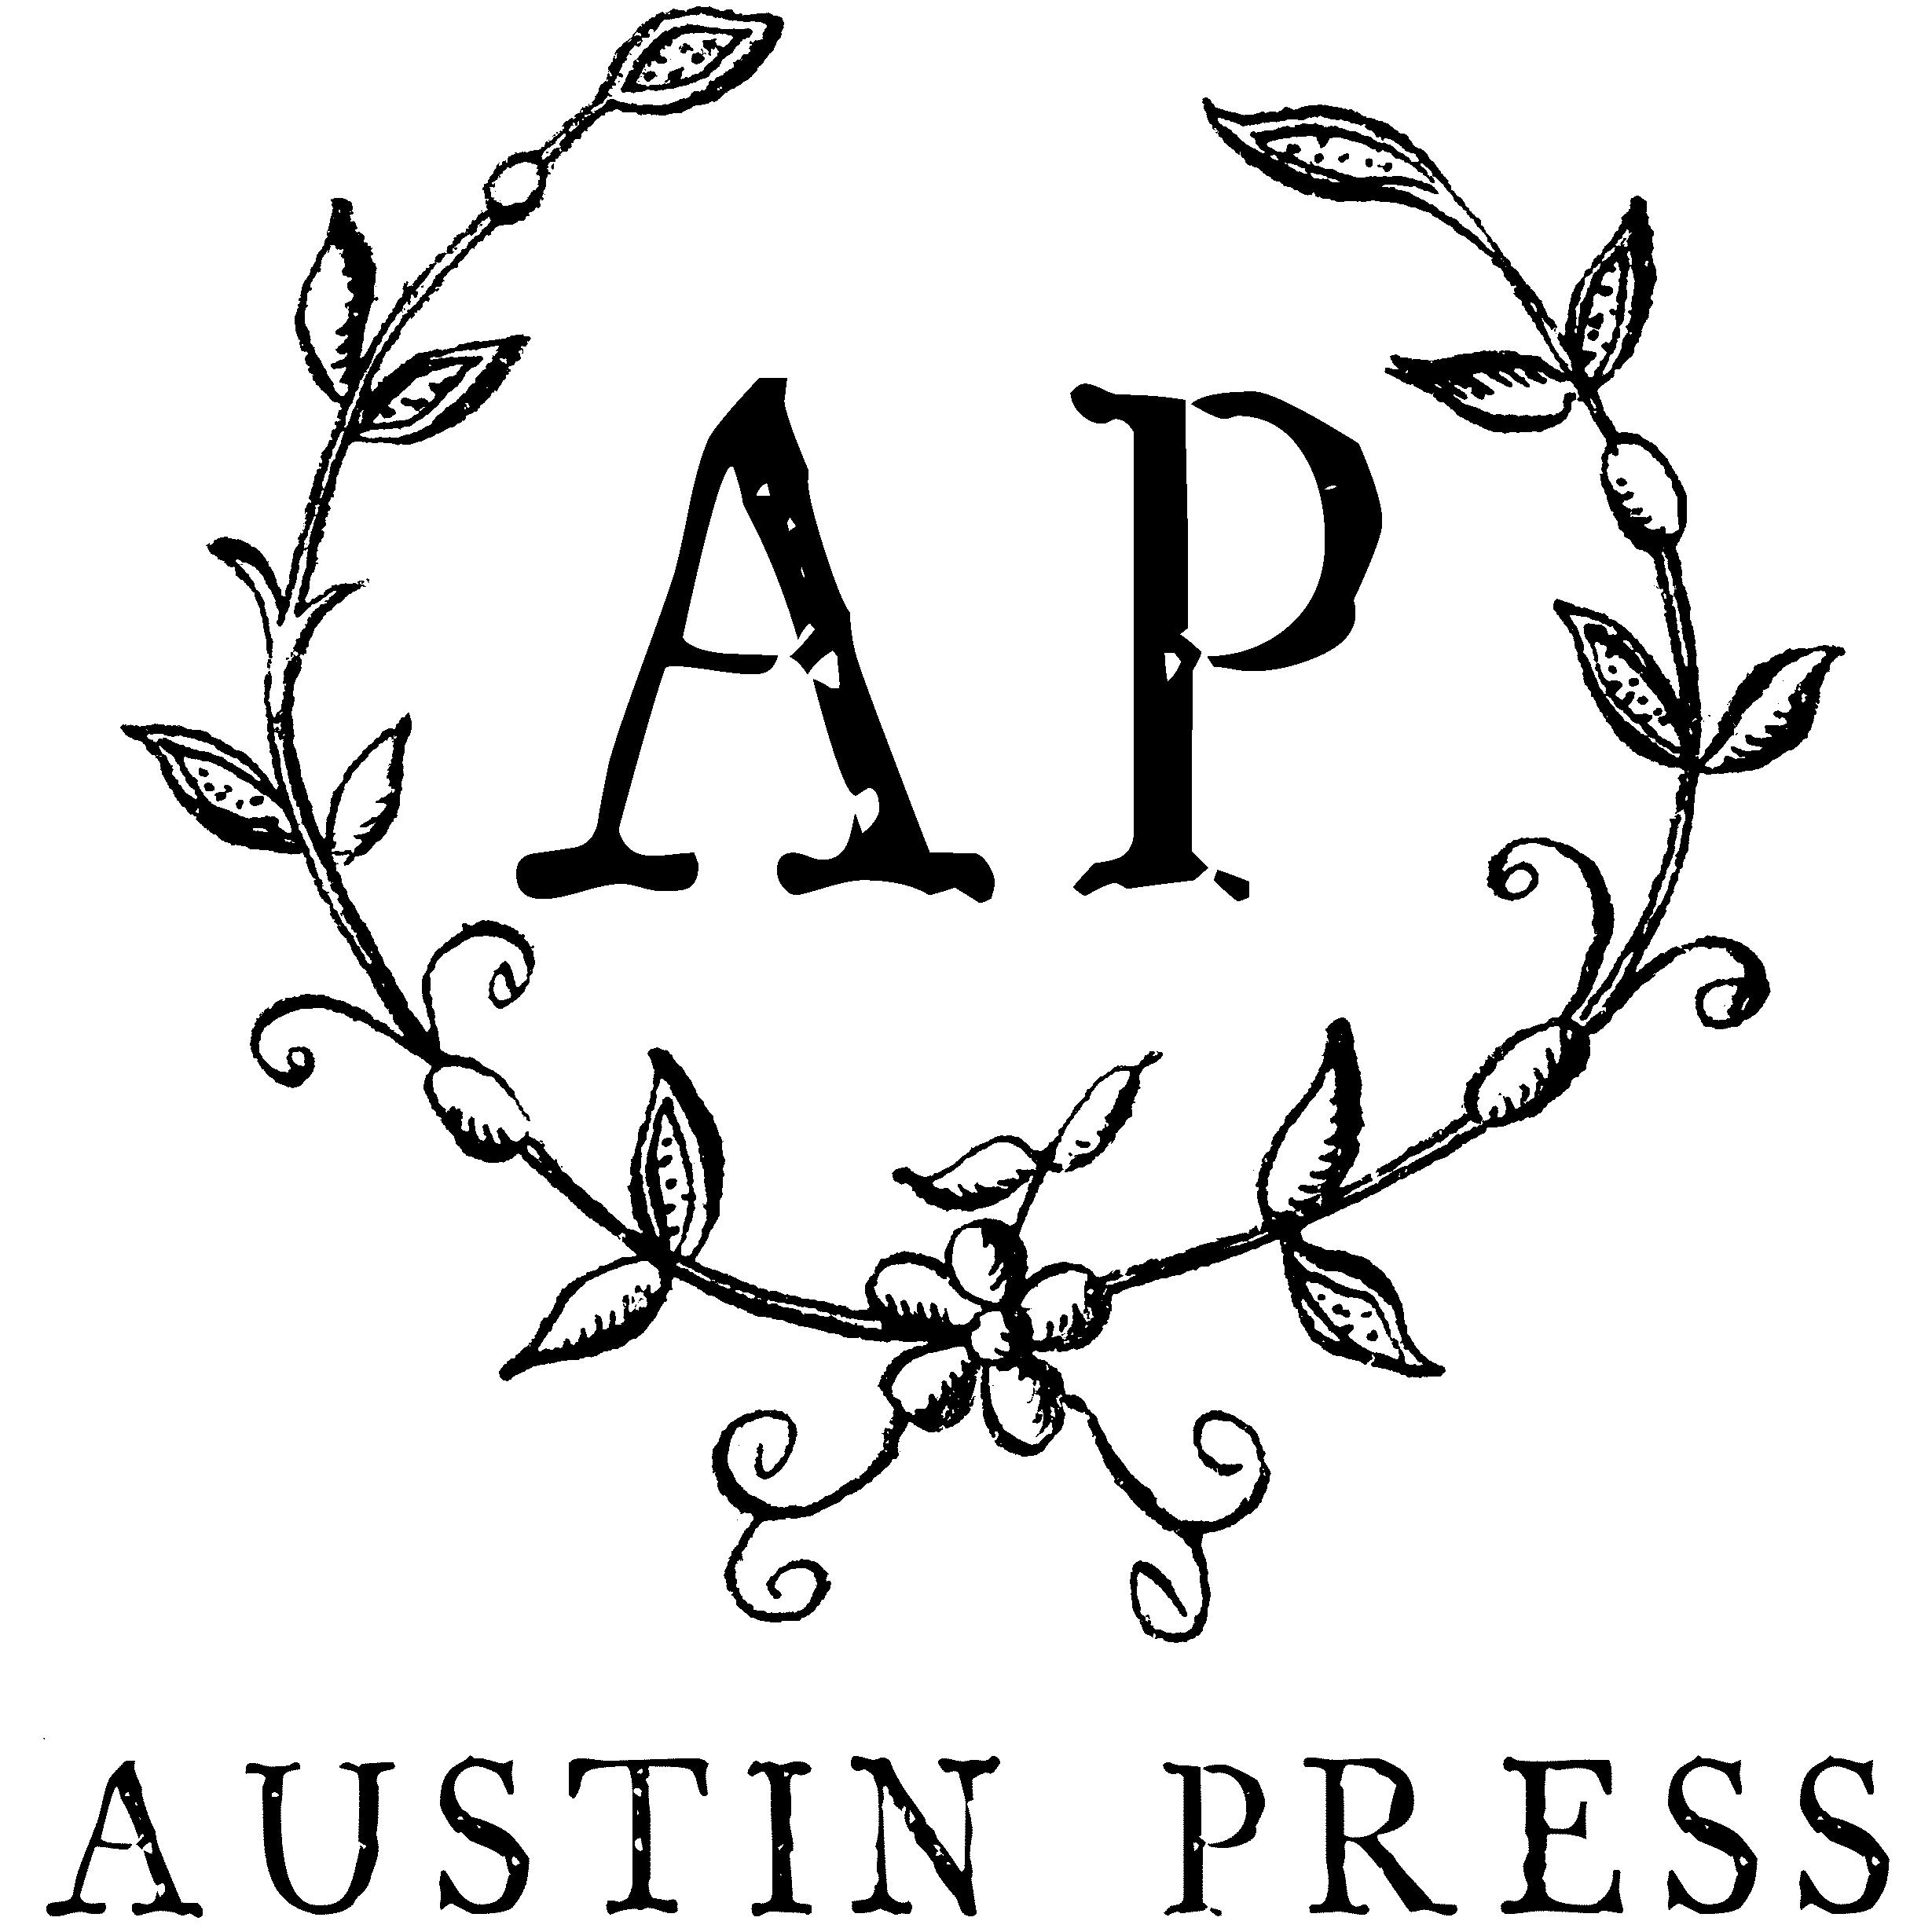 austin-press-logo.png